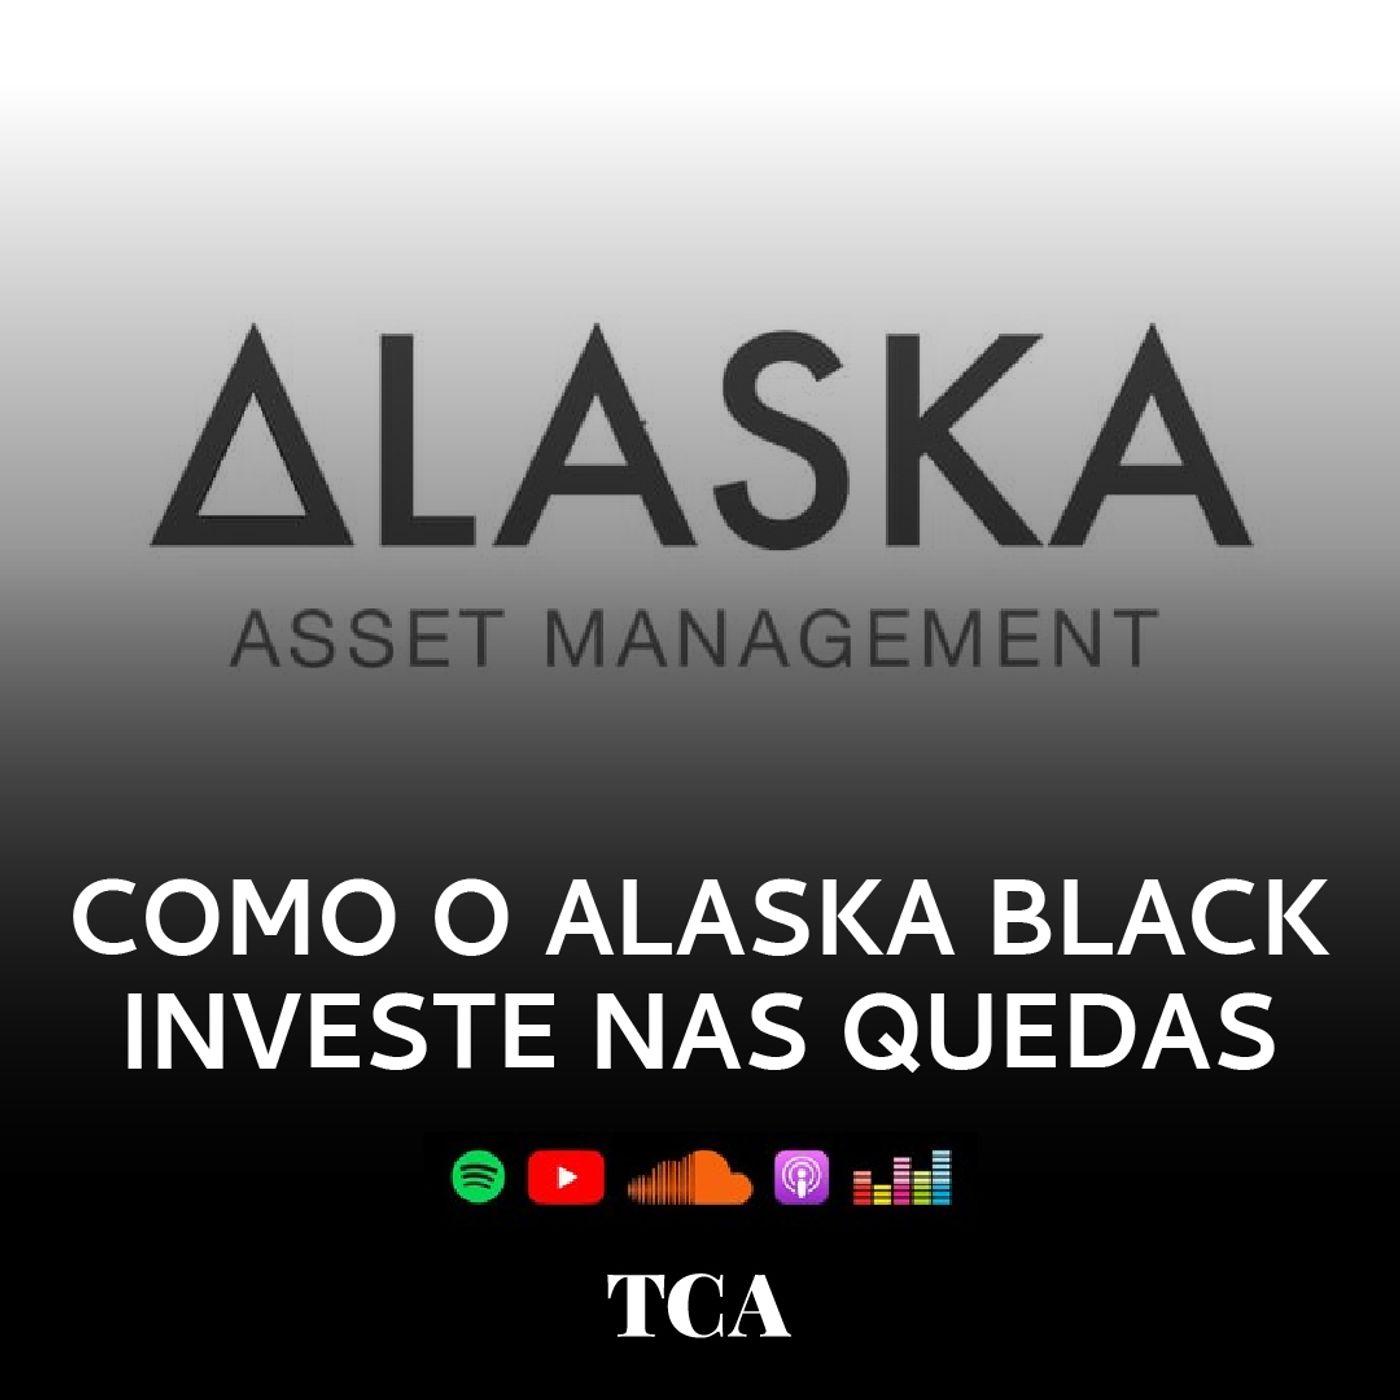 Como o Alaska Black se aproveita das quedas na bolsa